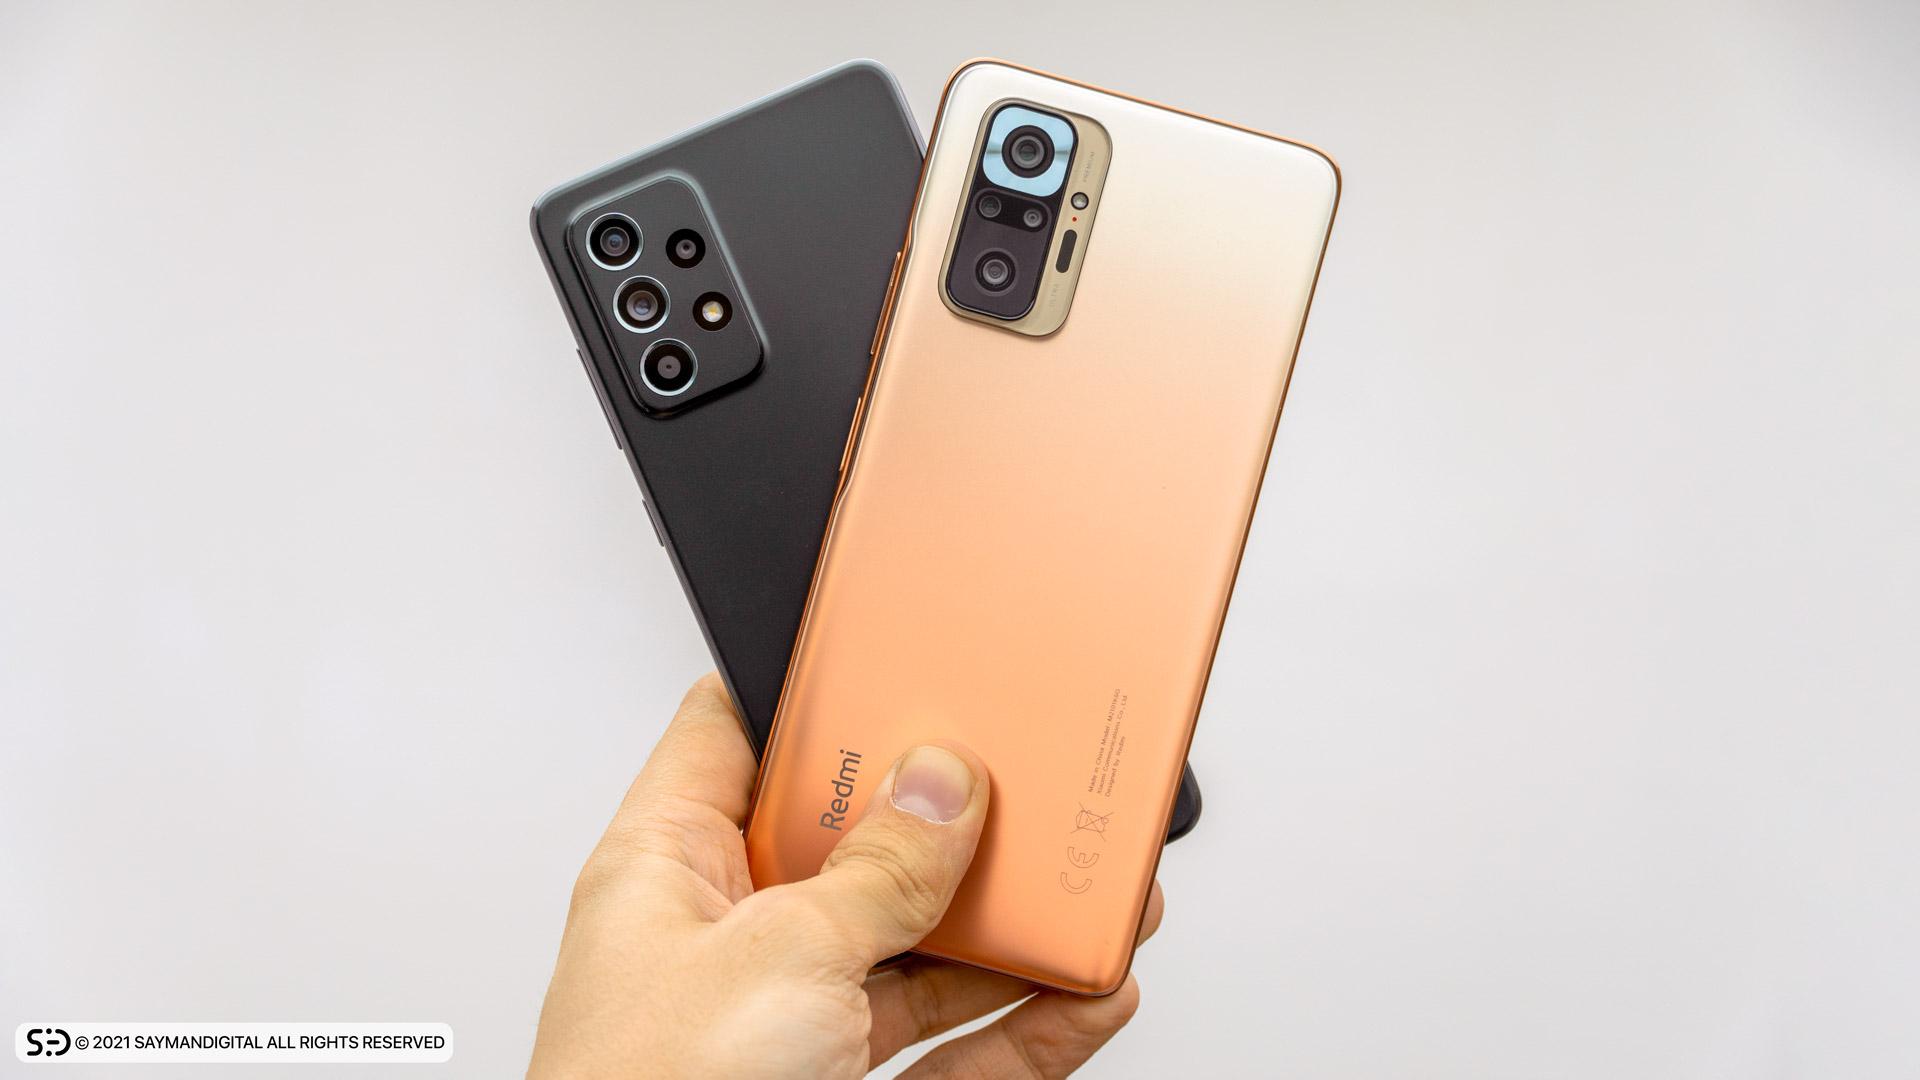 مقایسه طراحی قاب پشتی دو گوشی - redmi note 10 pro یا a52